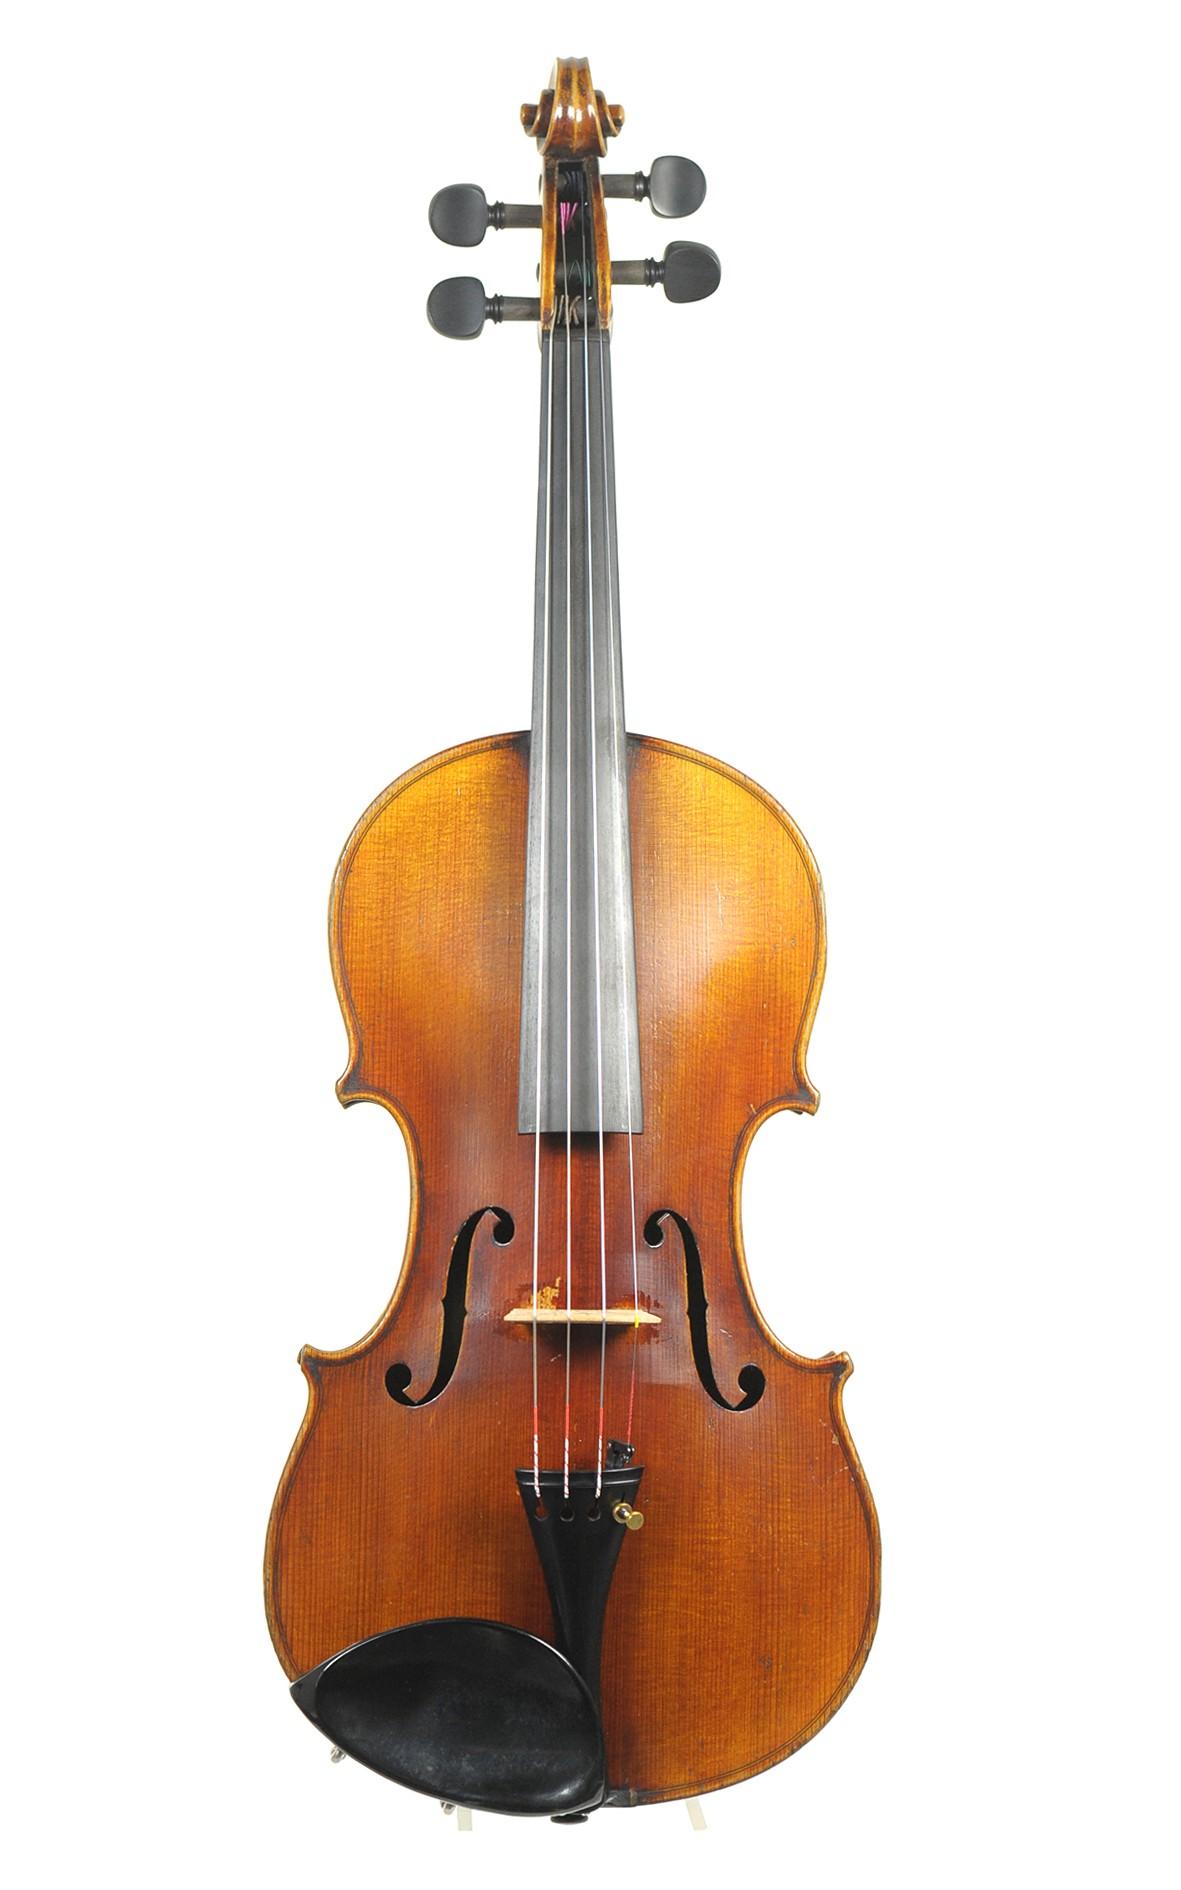 Student violin, Markneukirchen - top